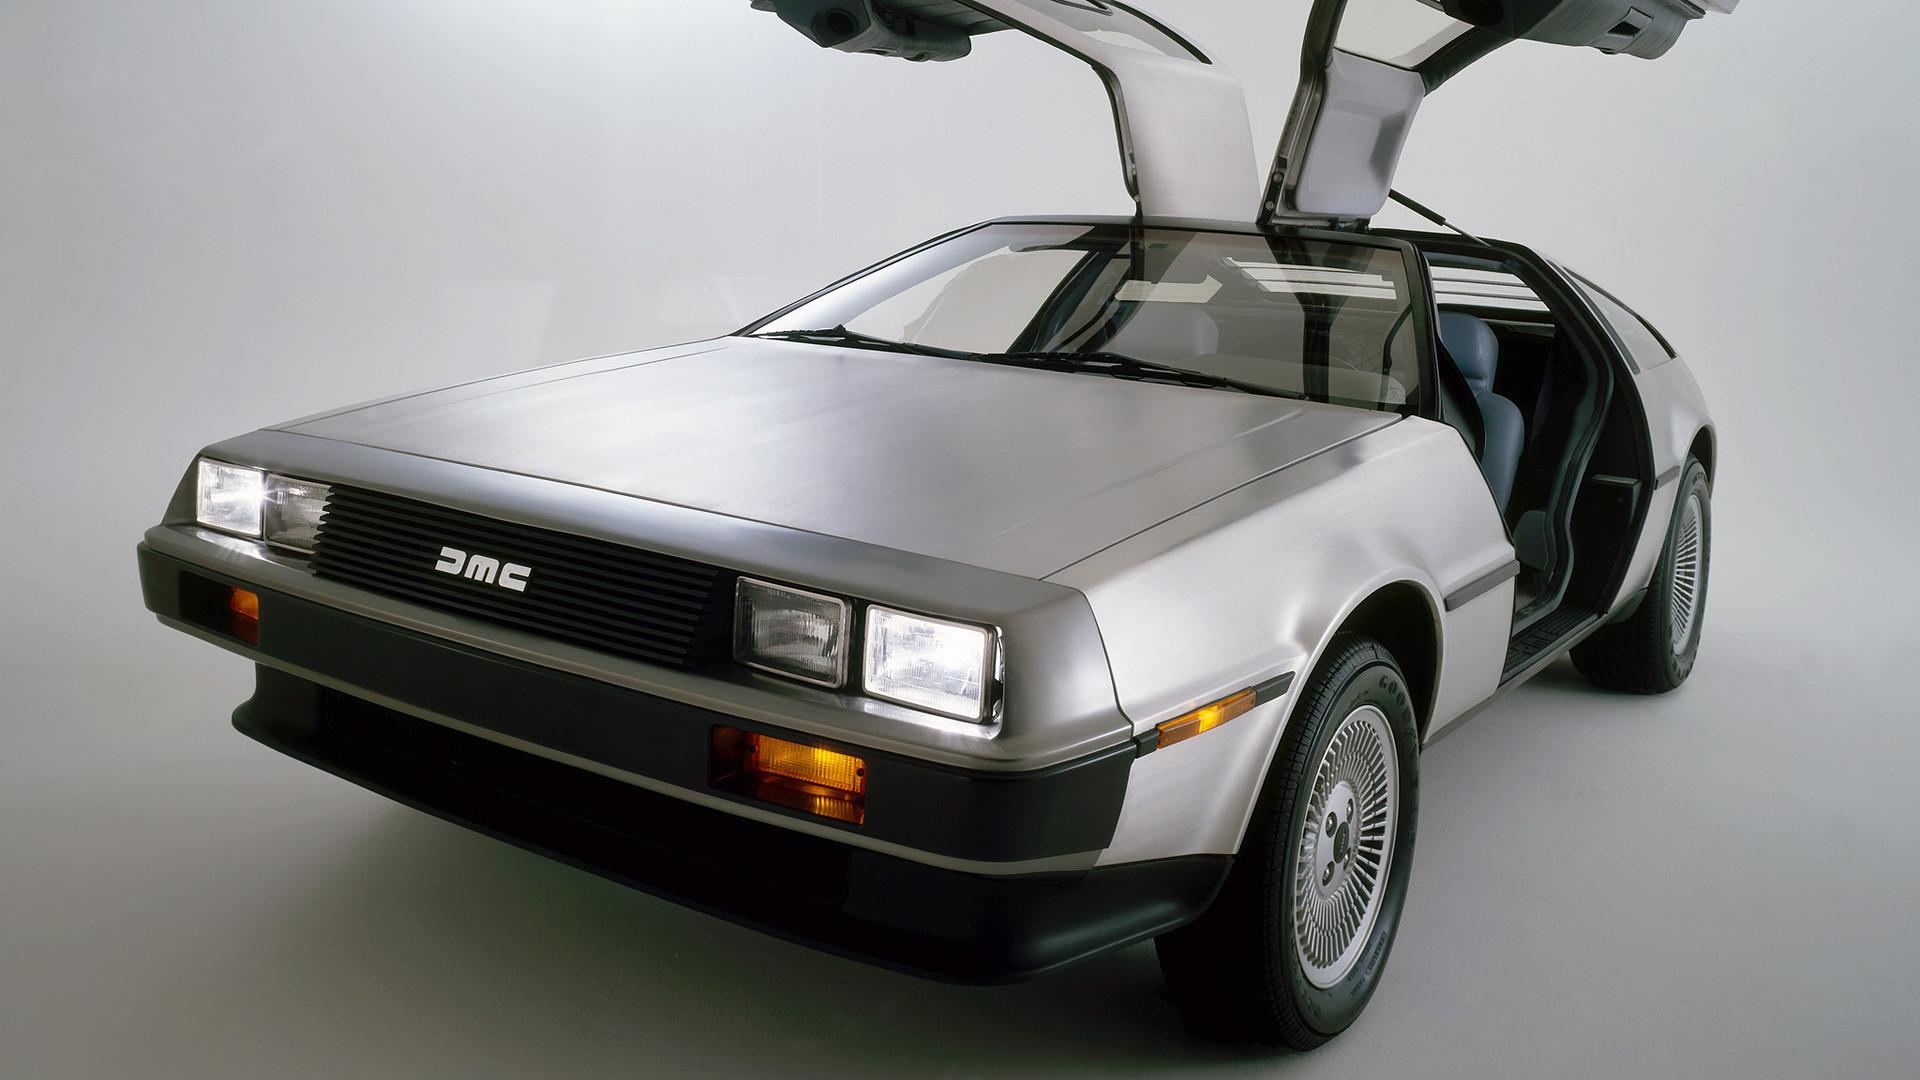 1981 DeLorean DMC-12 picture